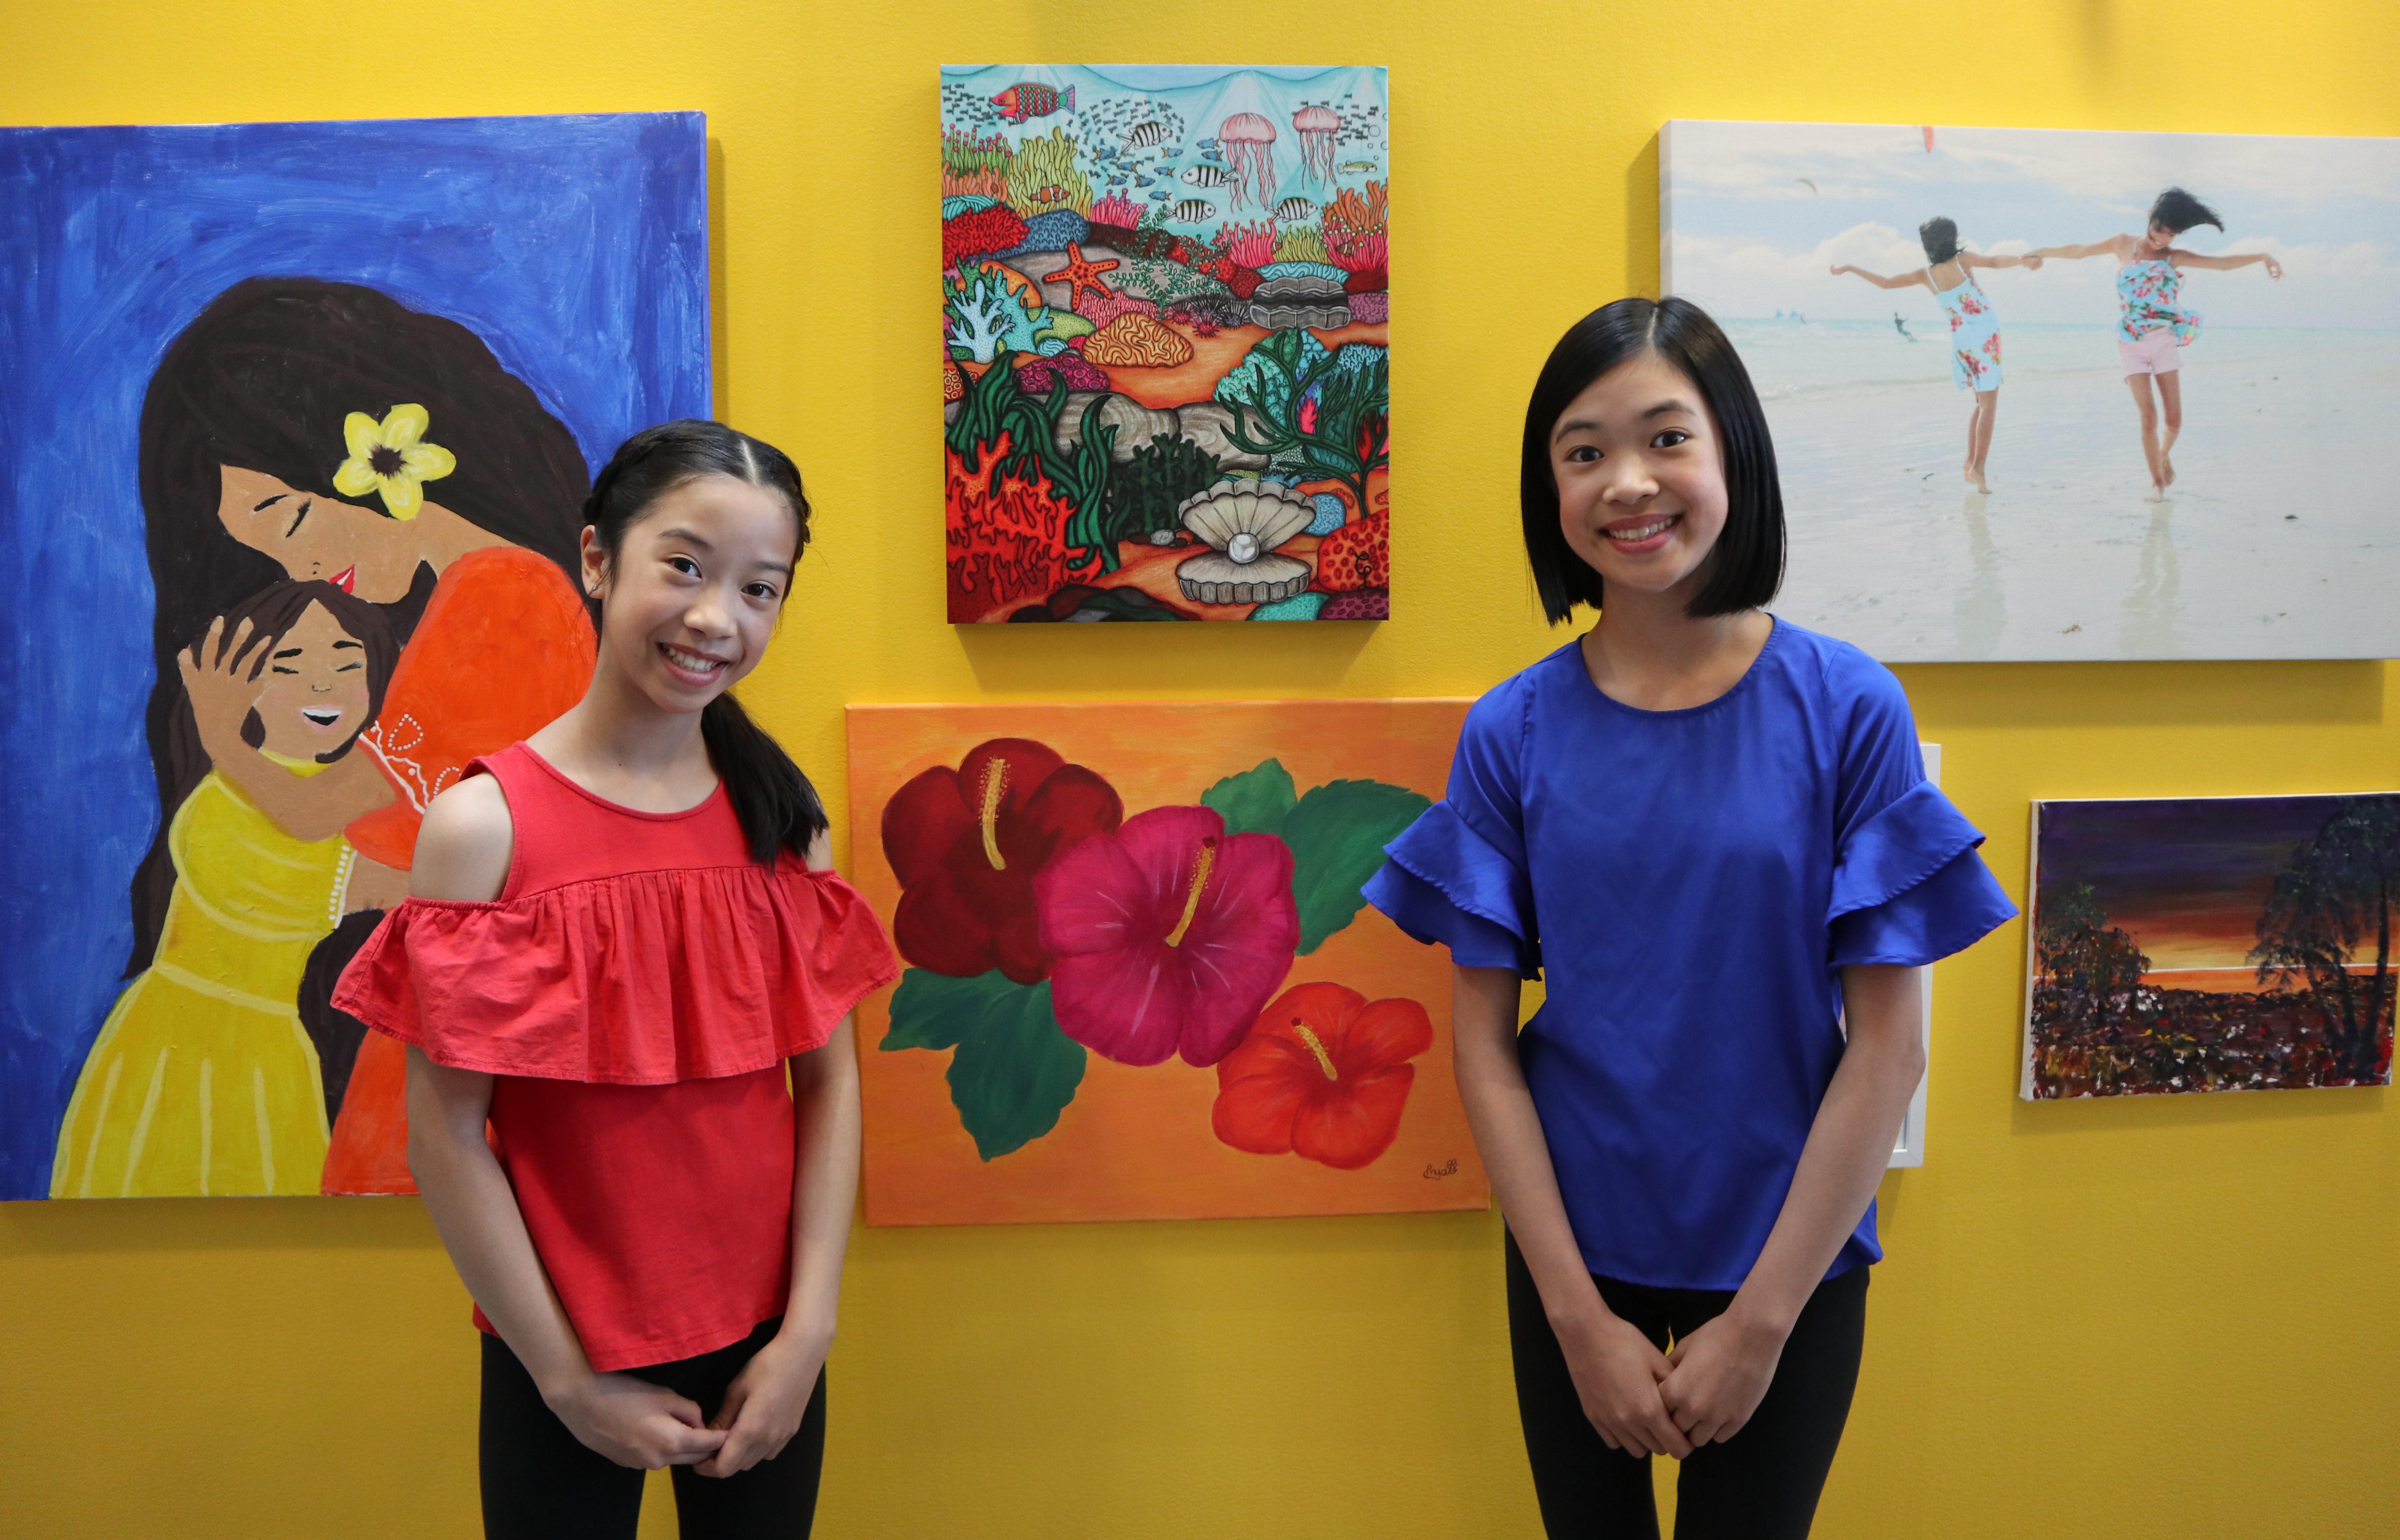 Anya Lavina beside her piece 'Gumamela' (Hibiscus), and